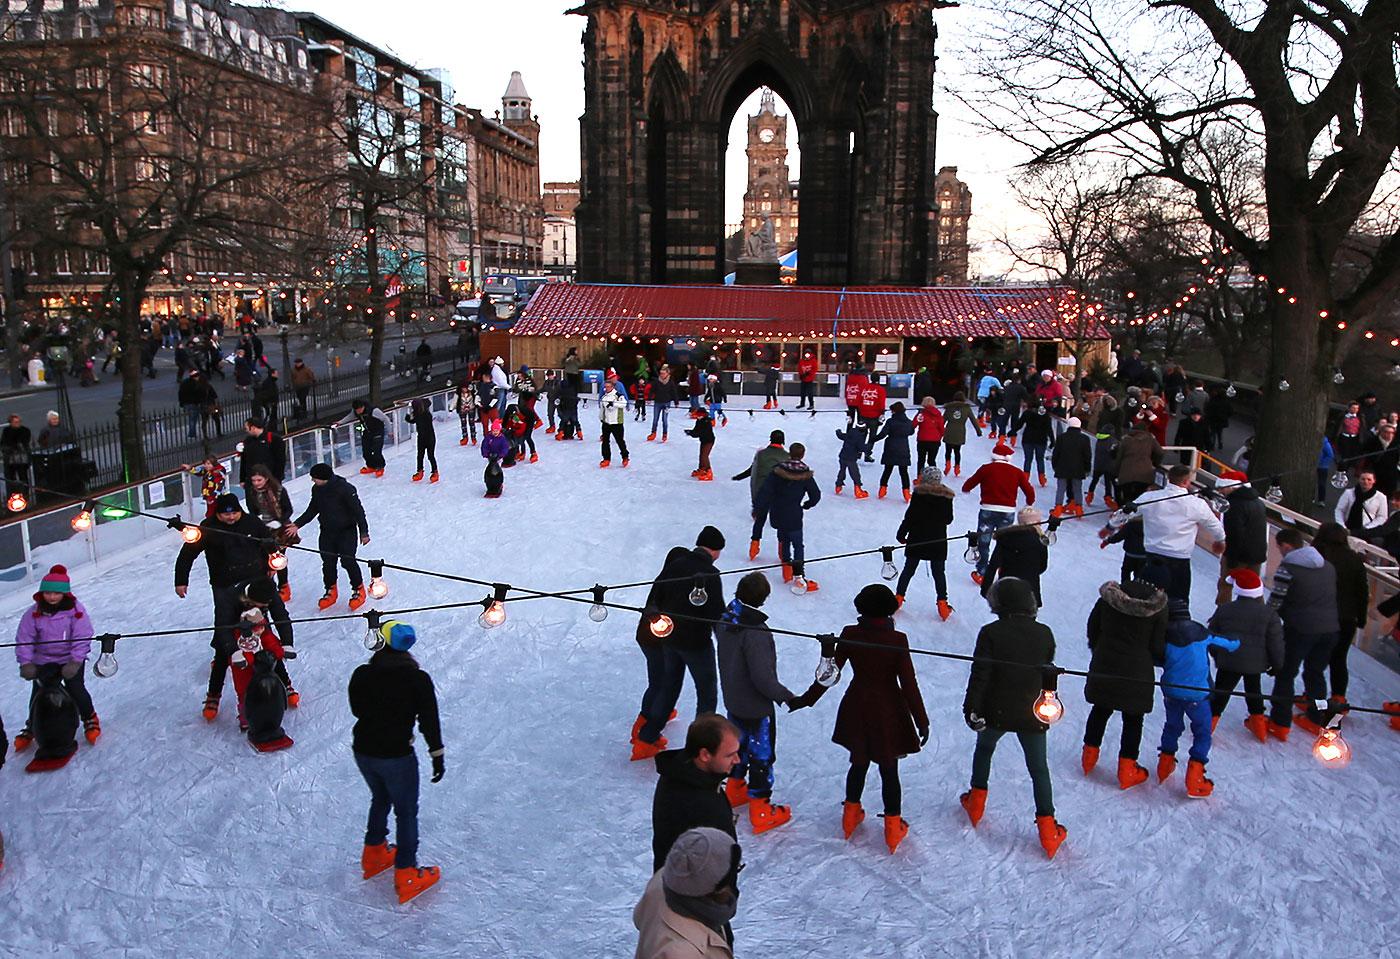 Αποτέλεσμα εικόνας για PRINCES STREET GARDENS ice skate park